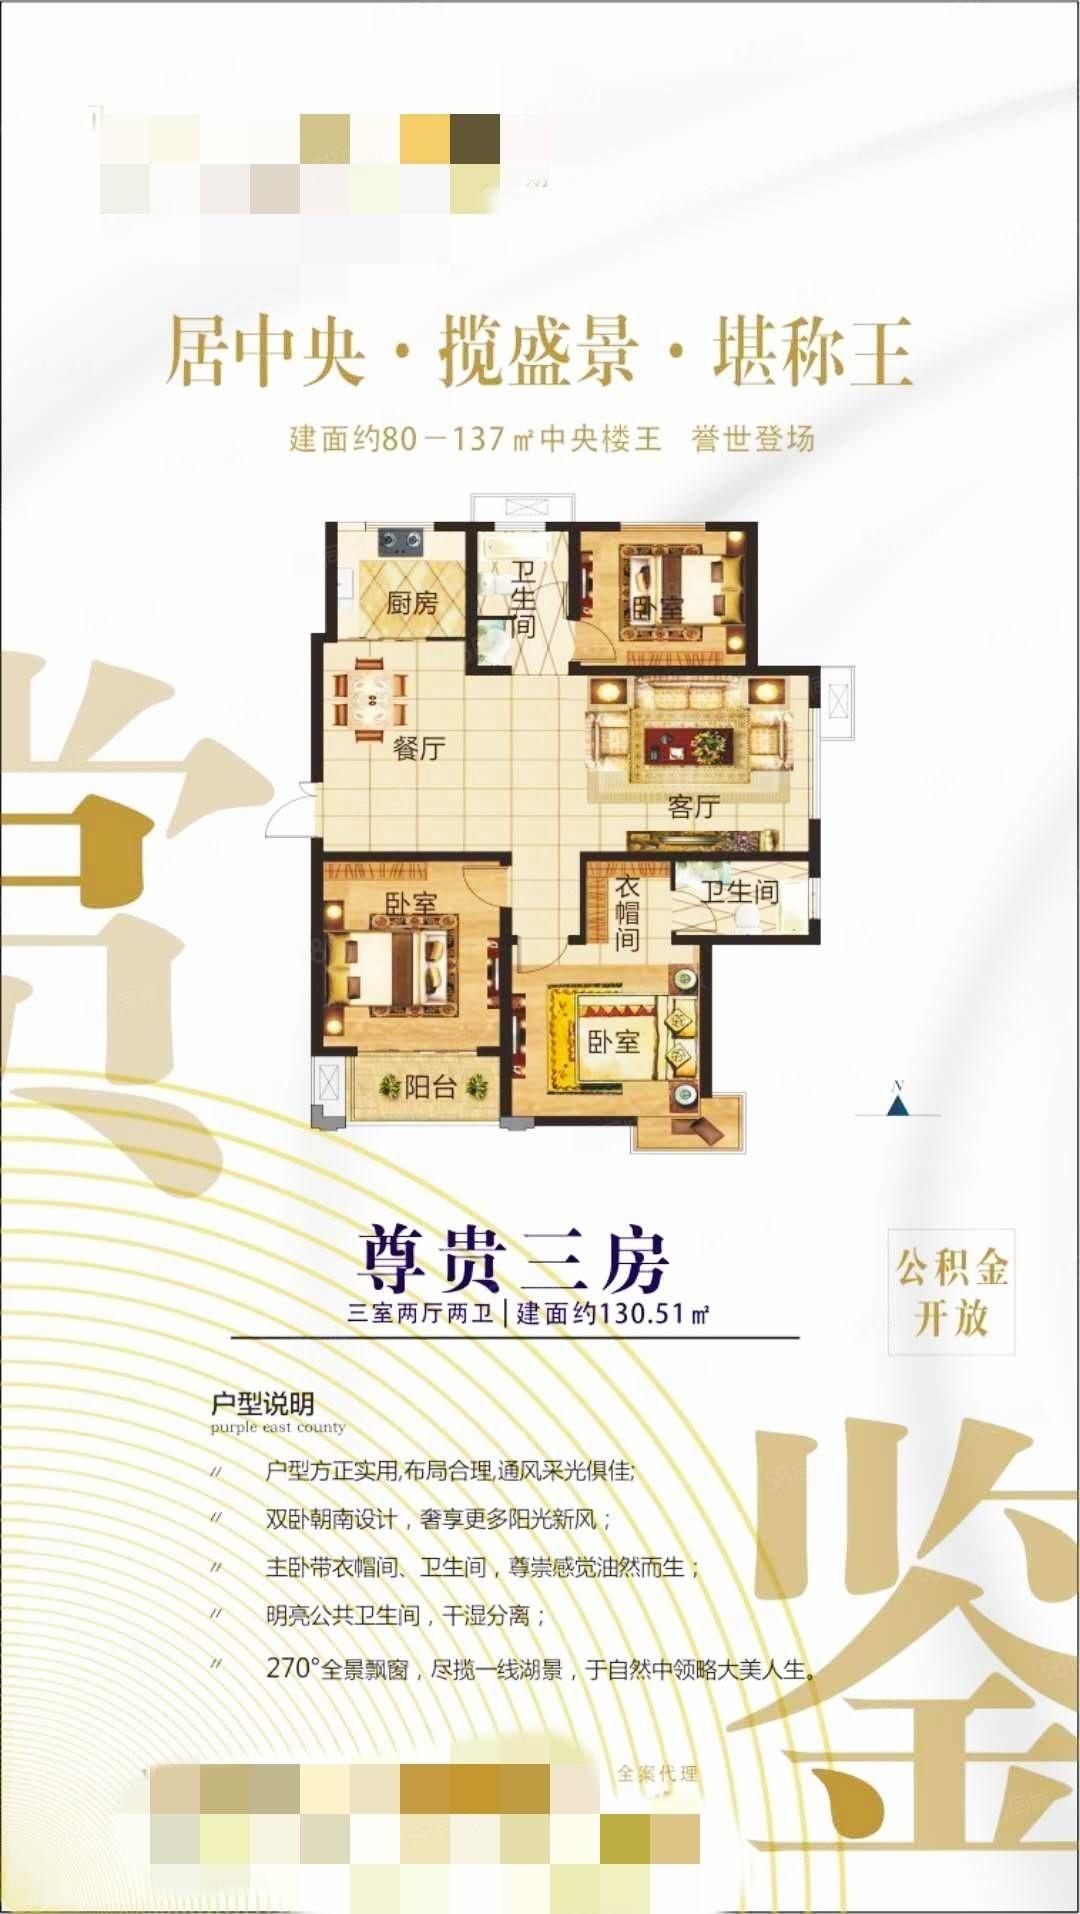 荣域福湾成熟高品质小区,标准的,周边资源丰富,性价首选